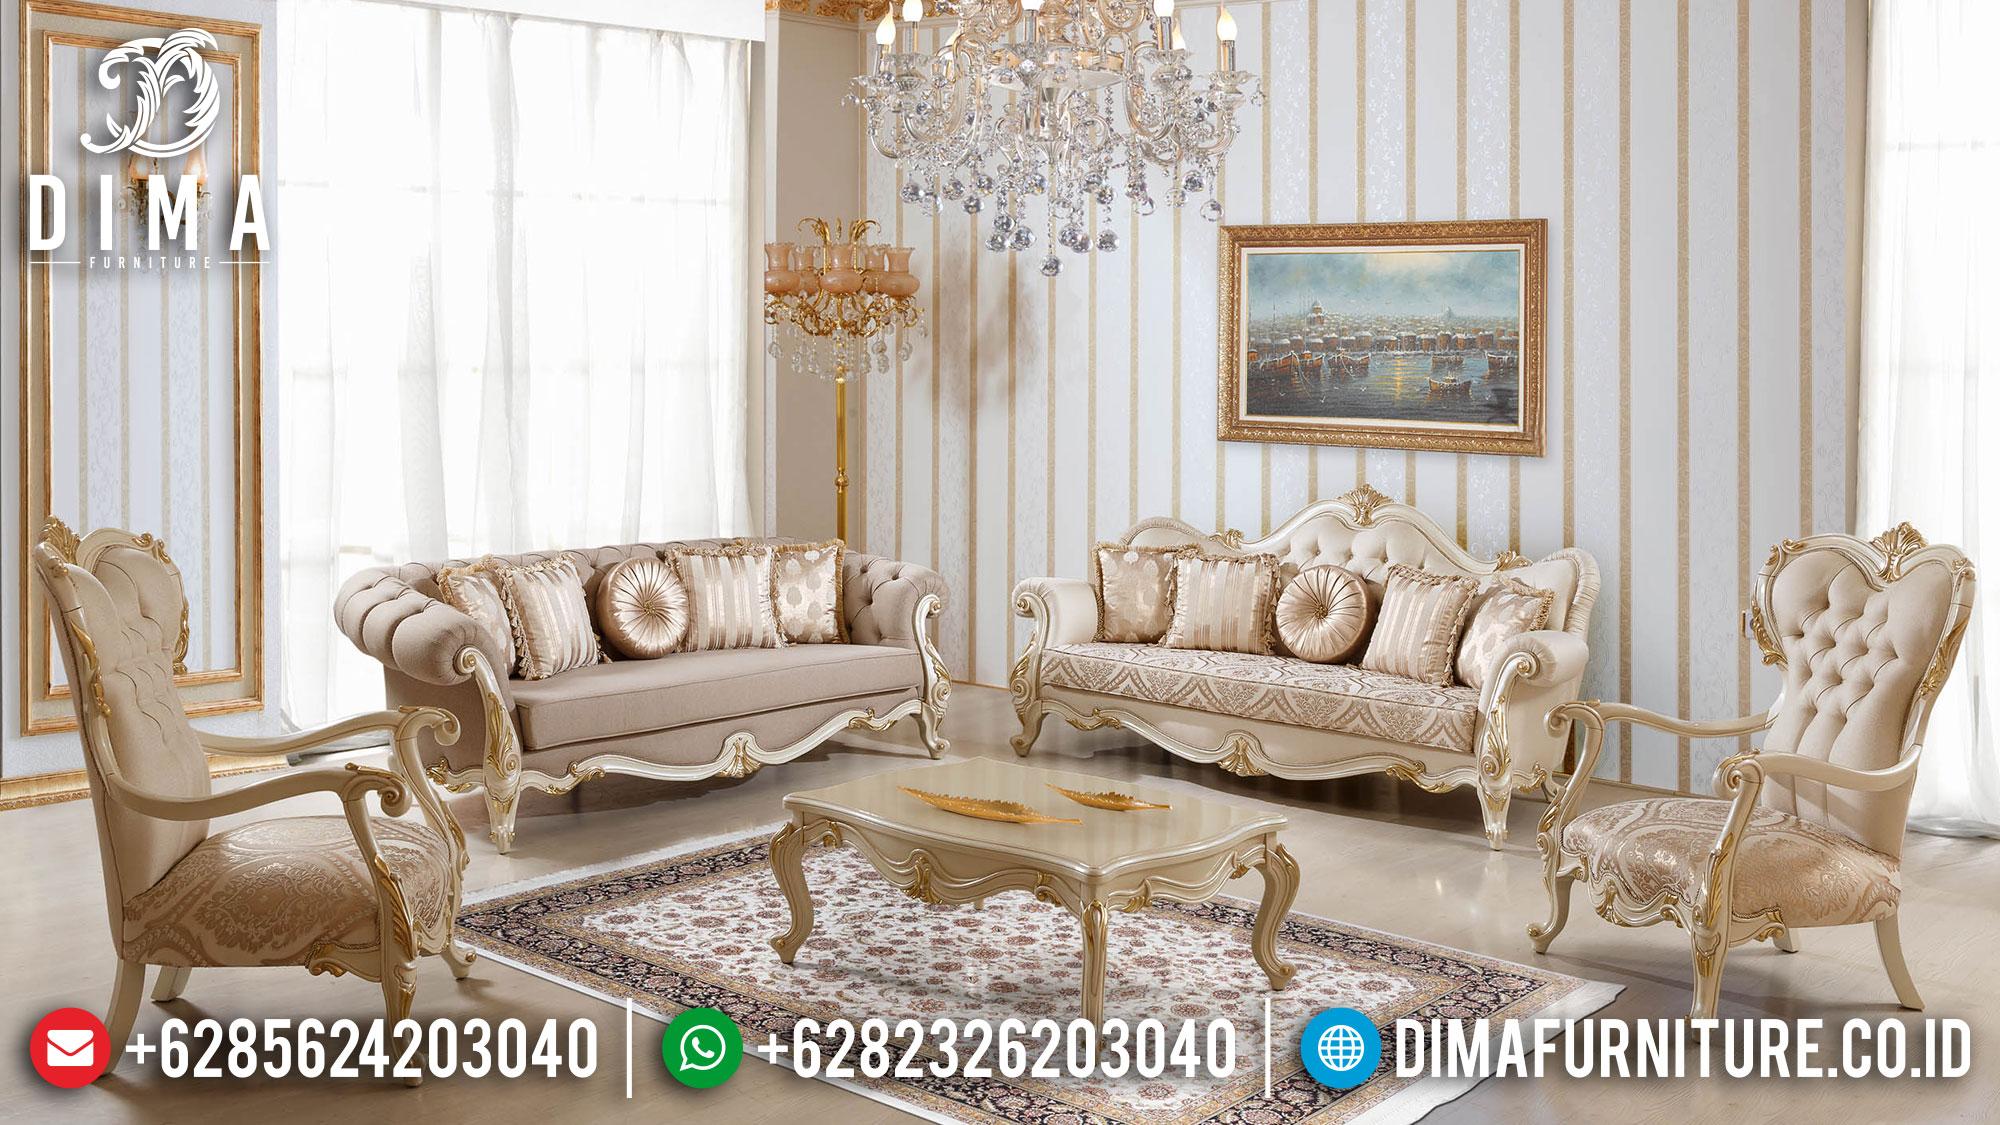 Sofa Tamu Ukir Jepara, Sofa Tamu Mewah Luxury, Kursi Sofa Tamu Jepara Elegant Style TTJ-1509